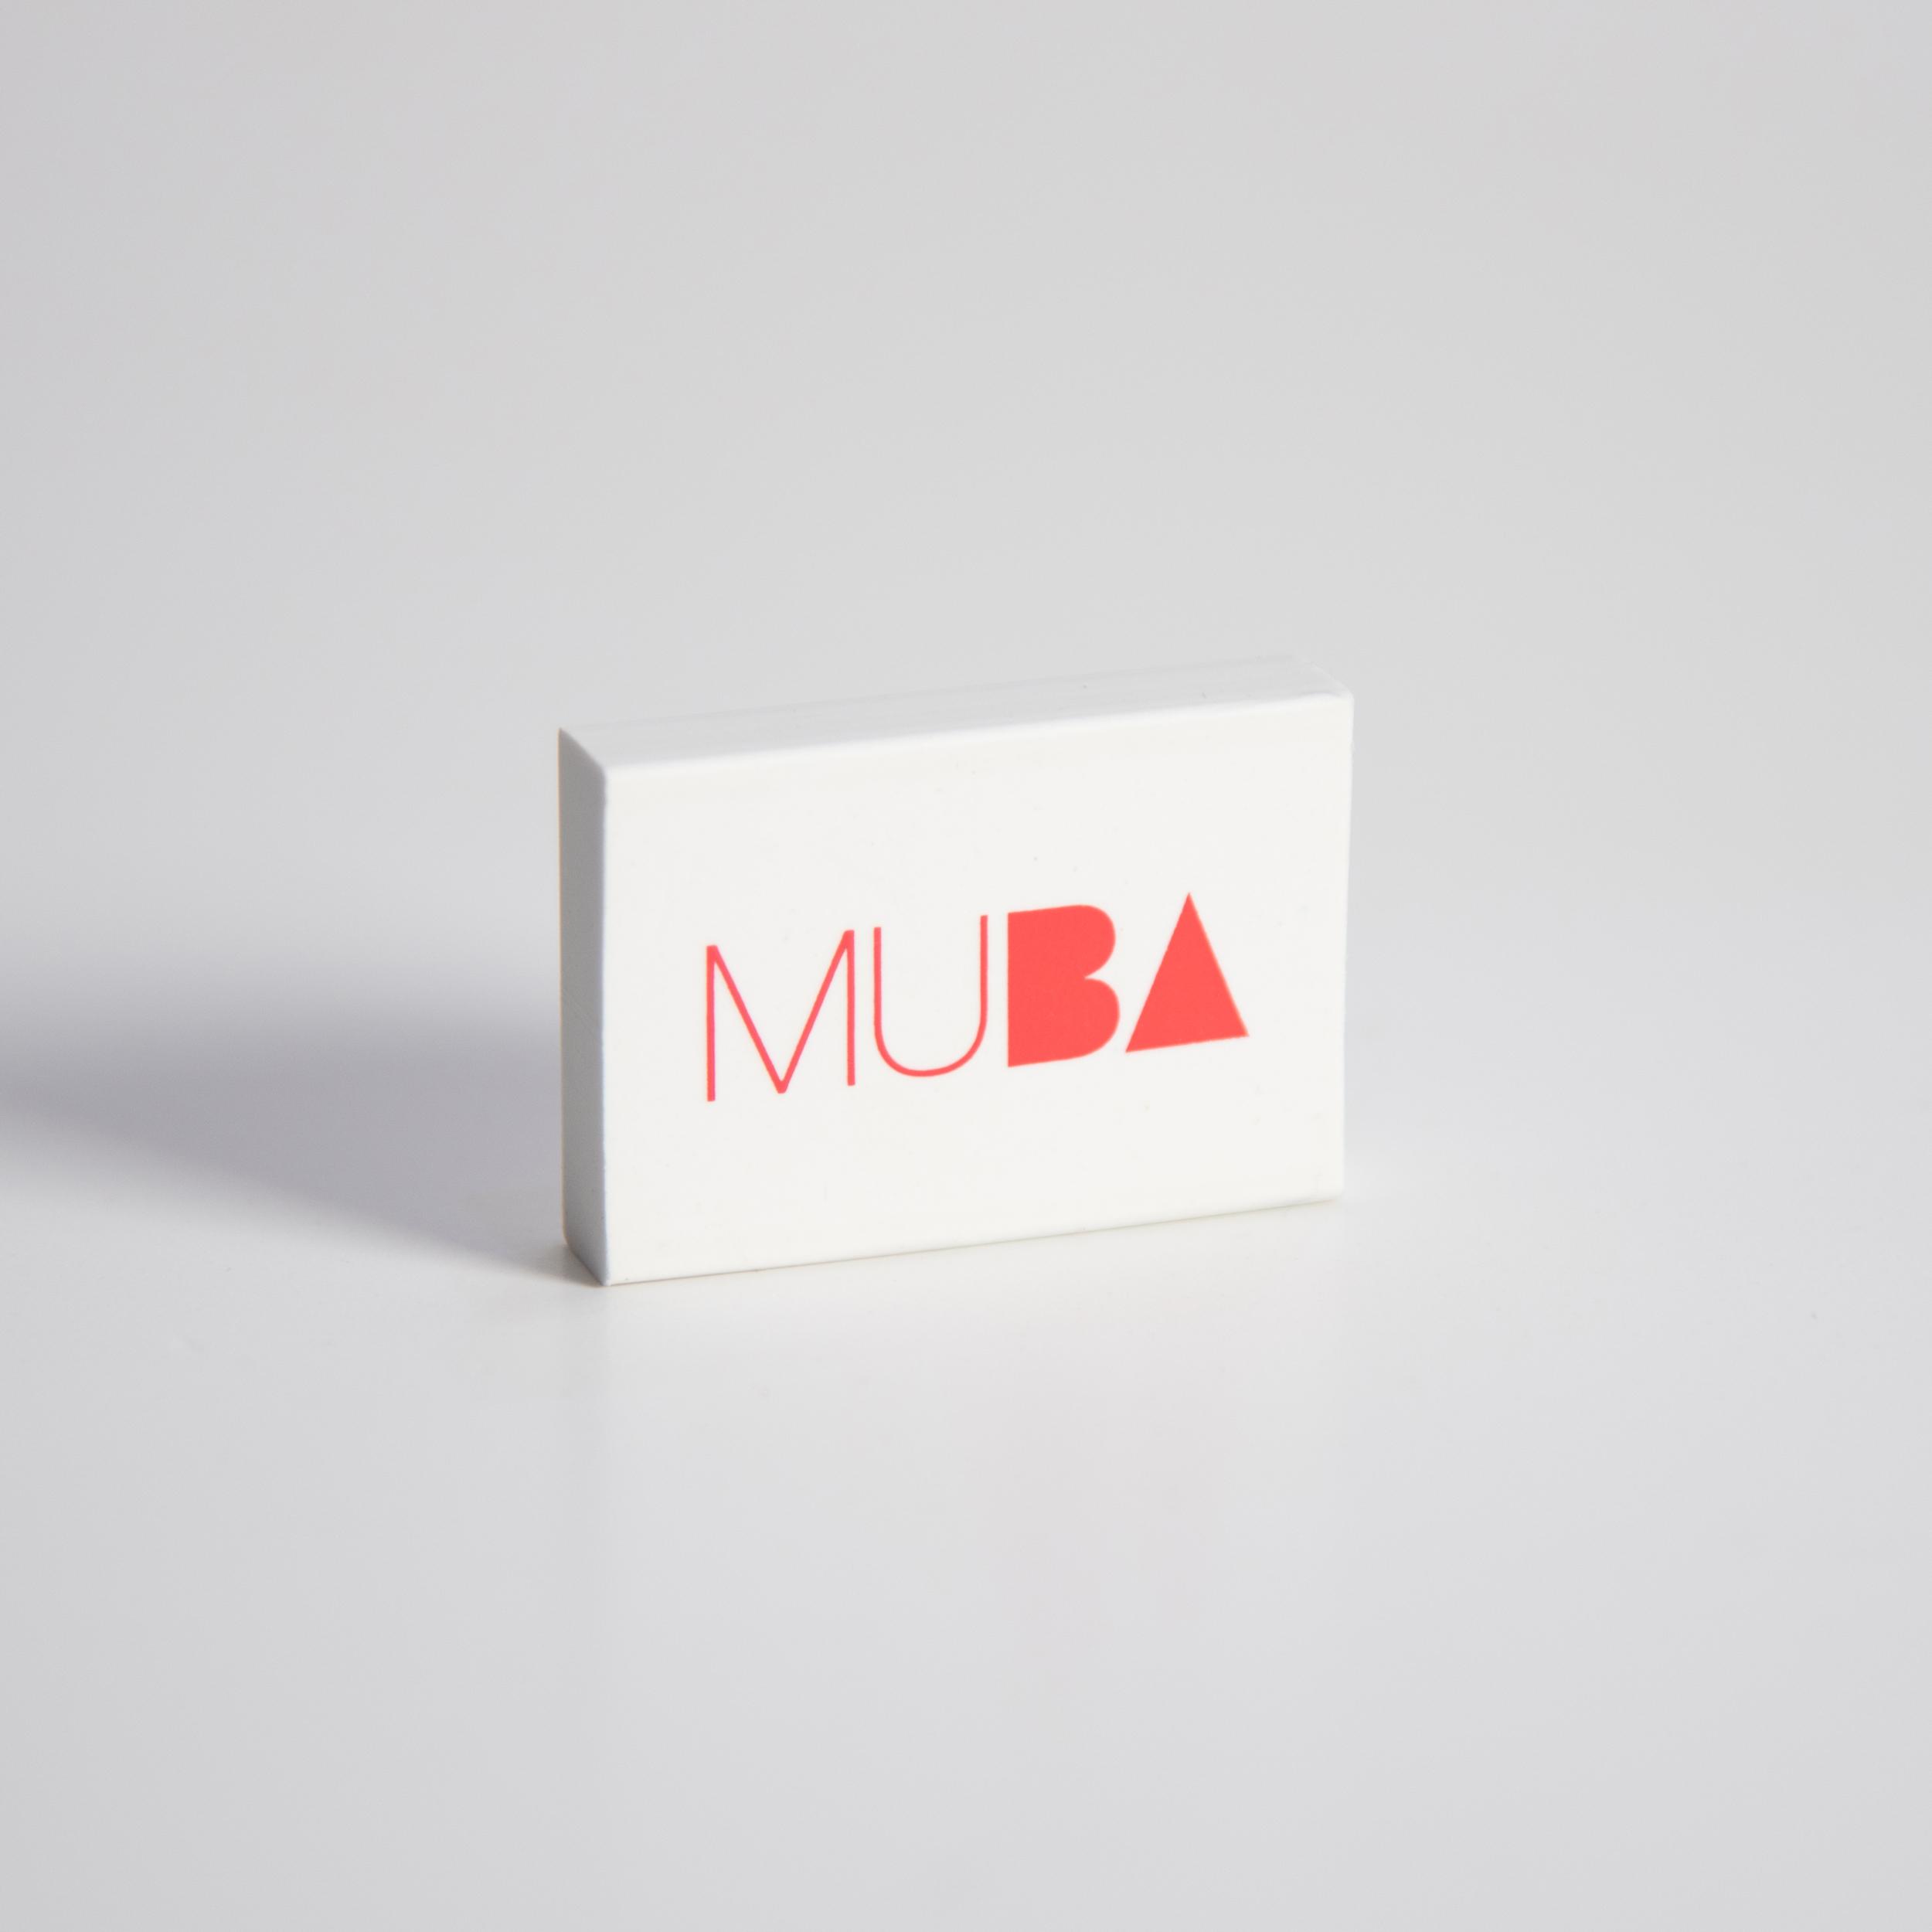 Gomme - MUBA